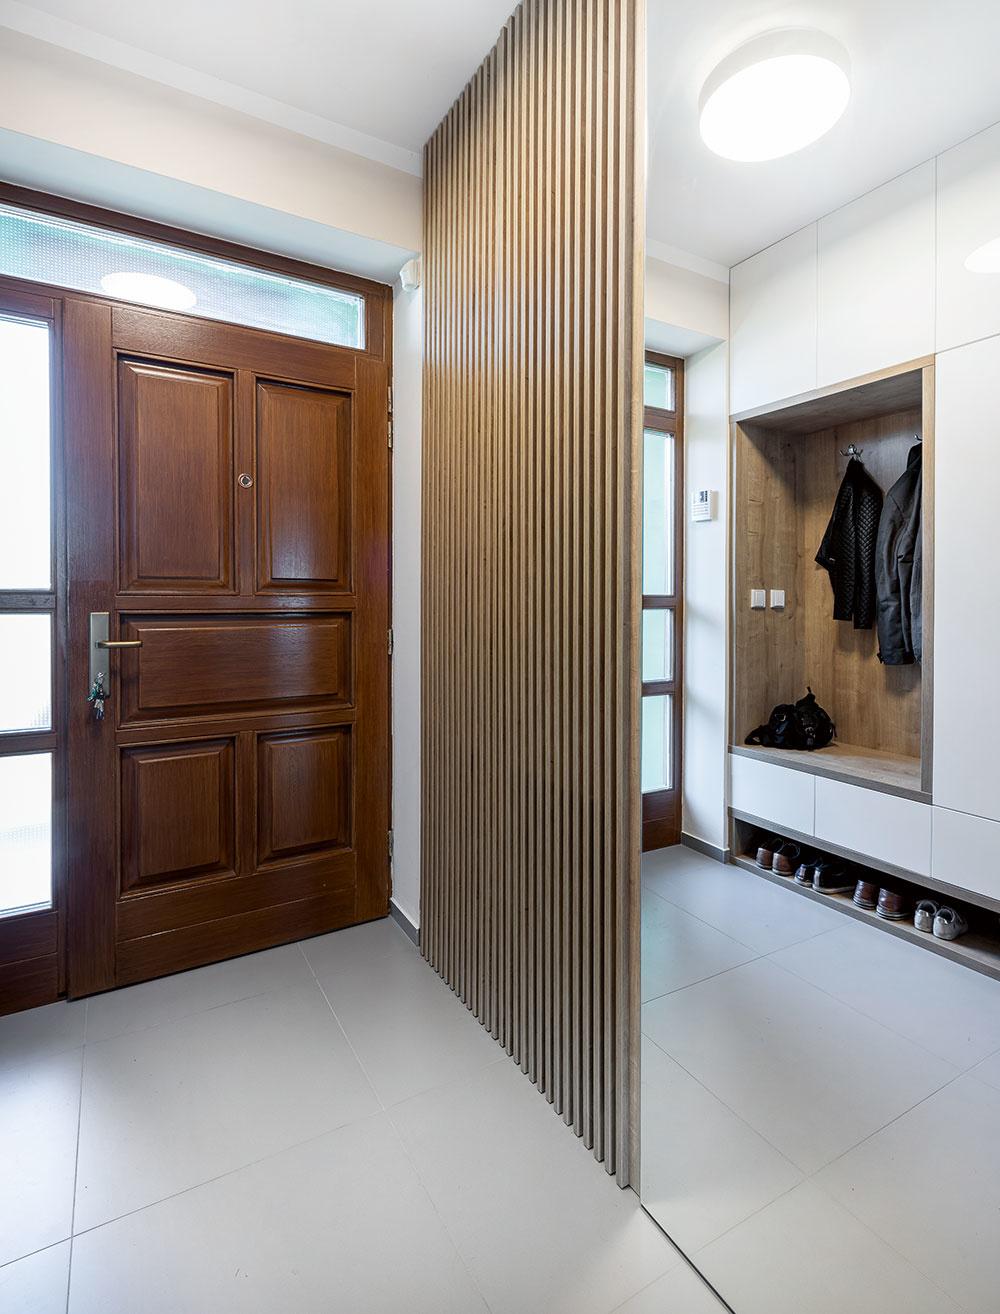 Vpredsieni bolo potrebné vytvoriť dostatok odkladacích priestorov, no zároveň dbať aj na komfort pri obúvaní aobliekaní. Preto sem architekti navrhli vstavanú skriňu snikou na sedenie. Drevenými lamelami na protiľahlej stene zakryli radiátor arozvádzač.